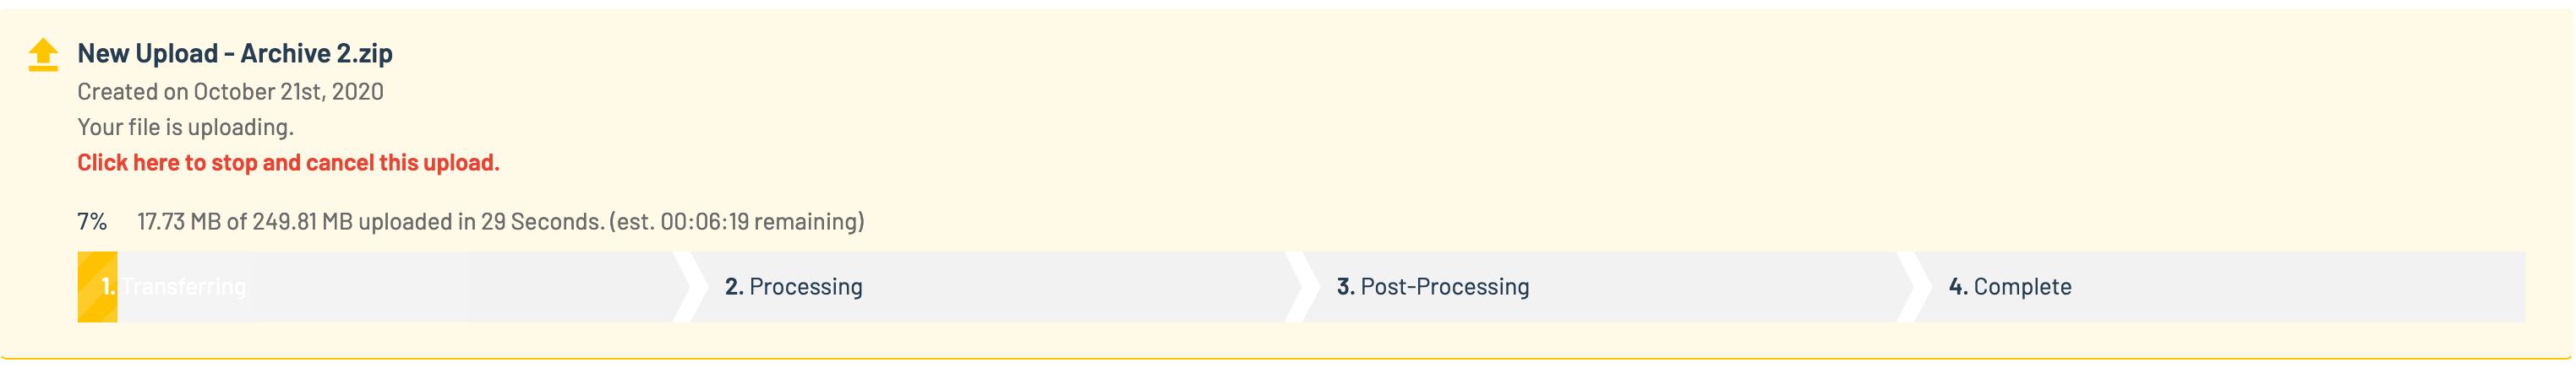 Progress bar: upload transferring